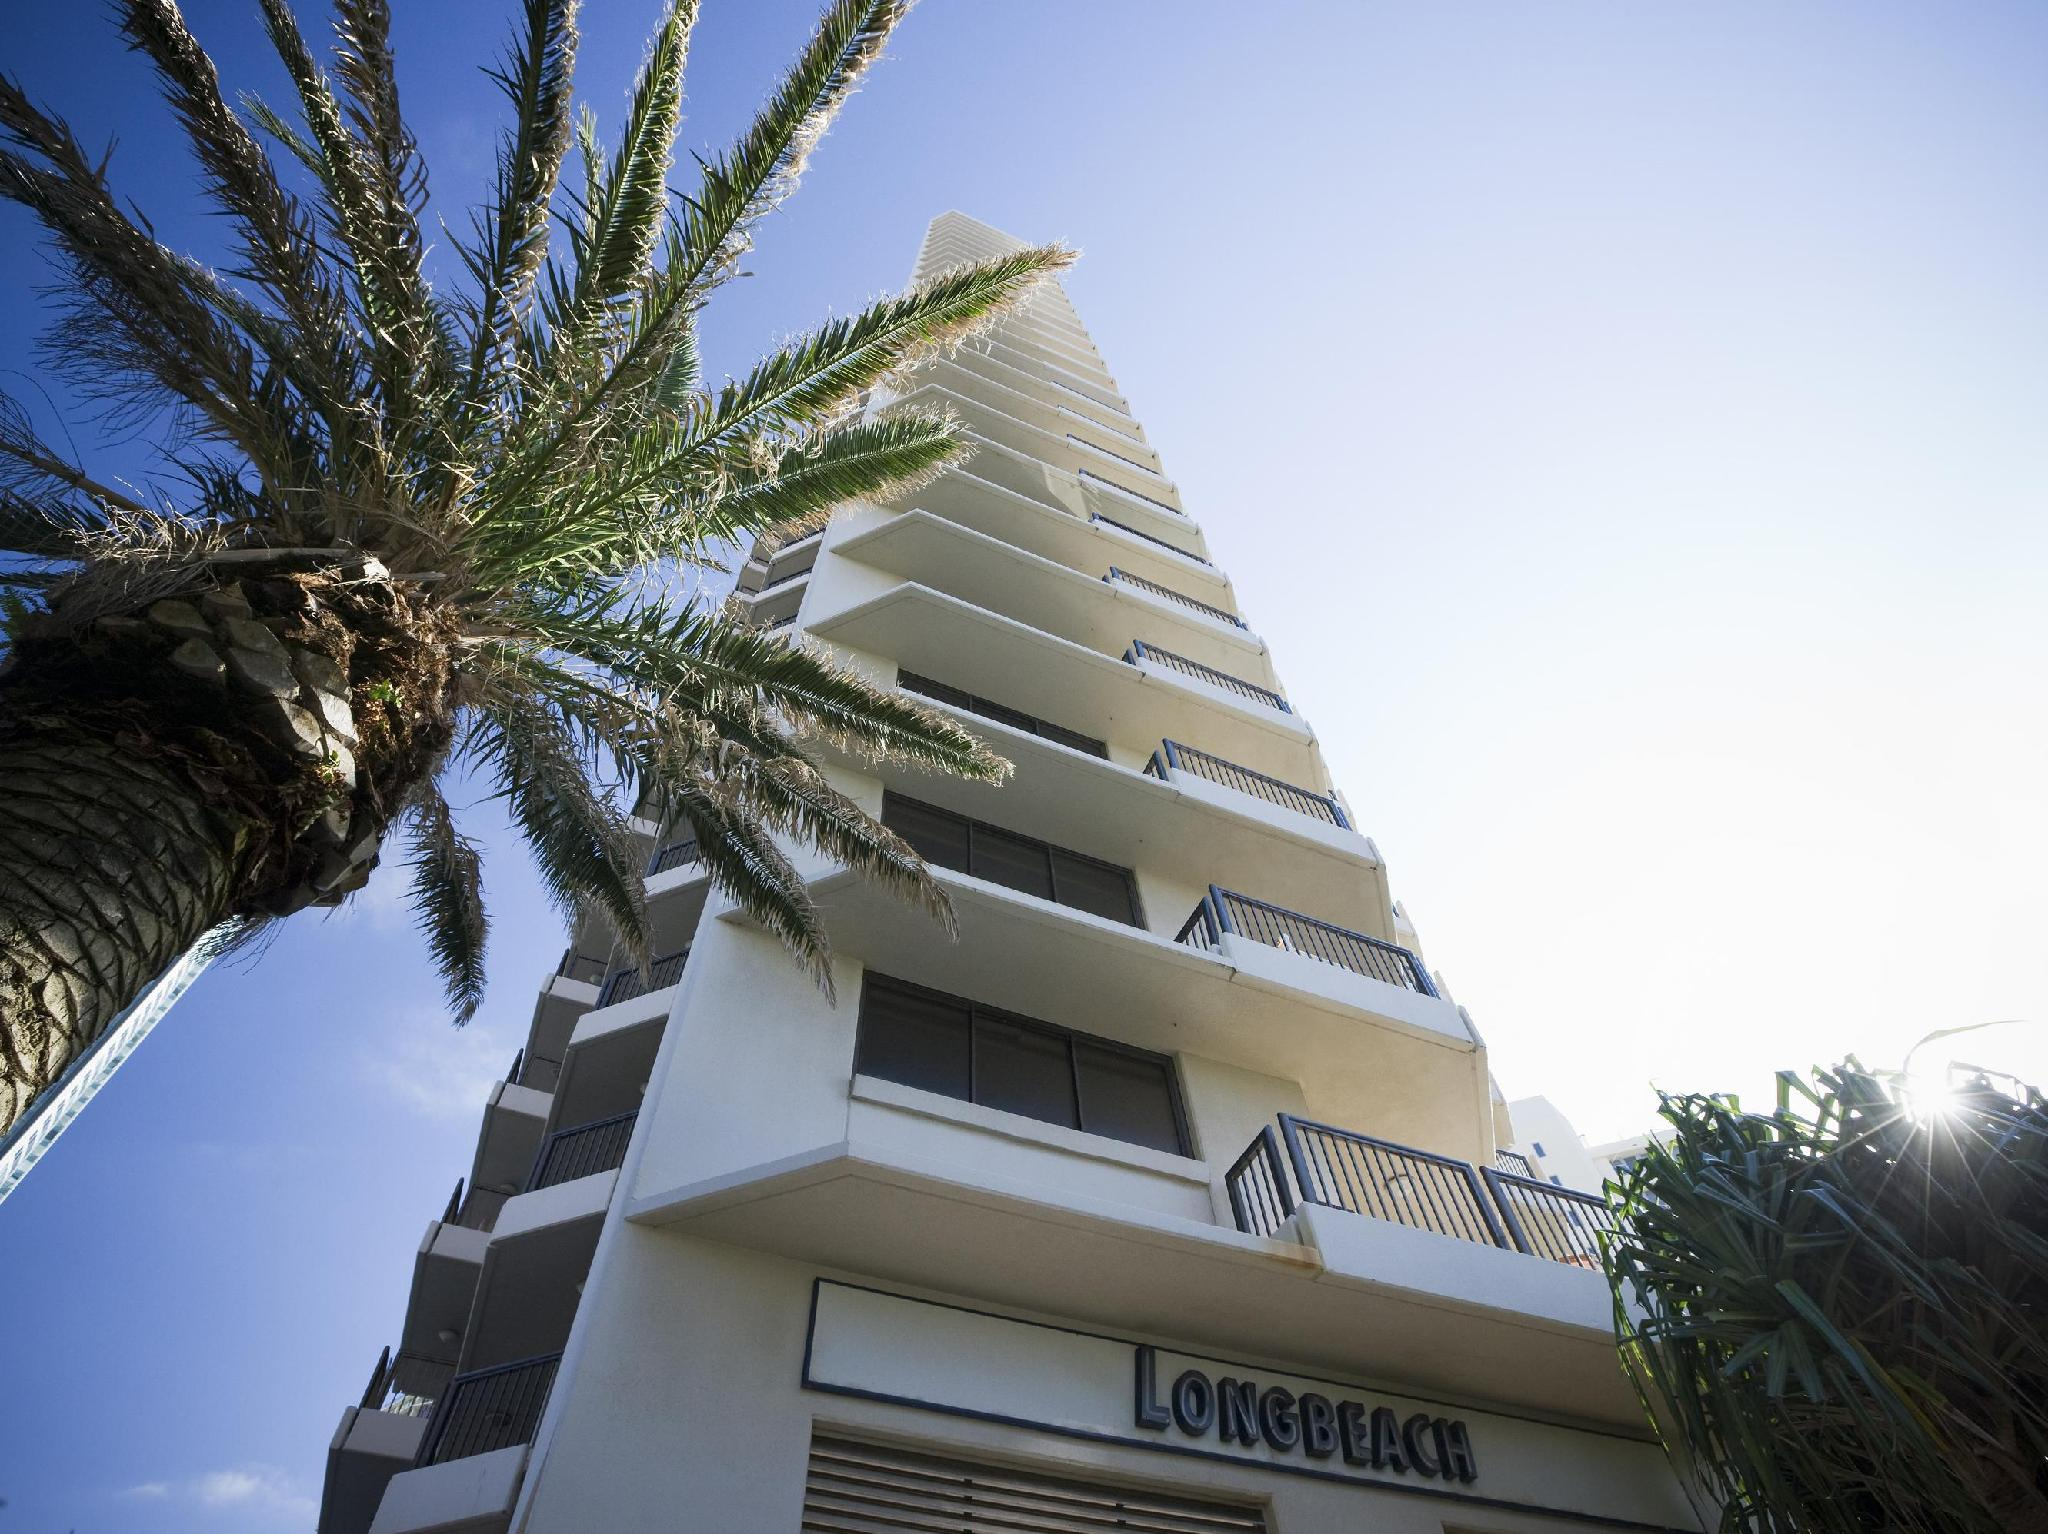 BreakFree Longbeach Hotel - Hotell och Boende i Australien , Guldkusten